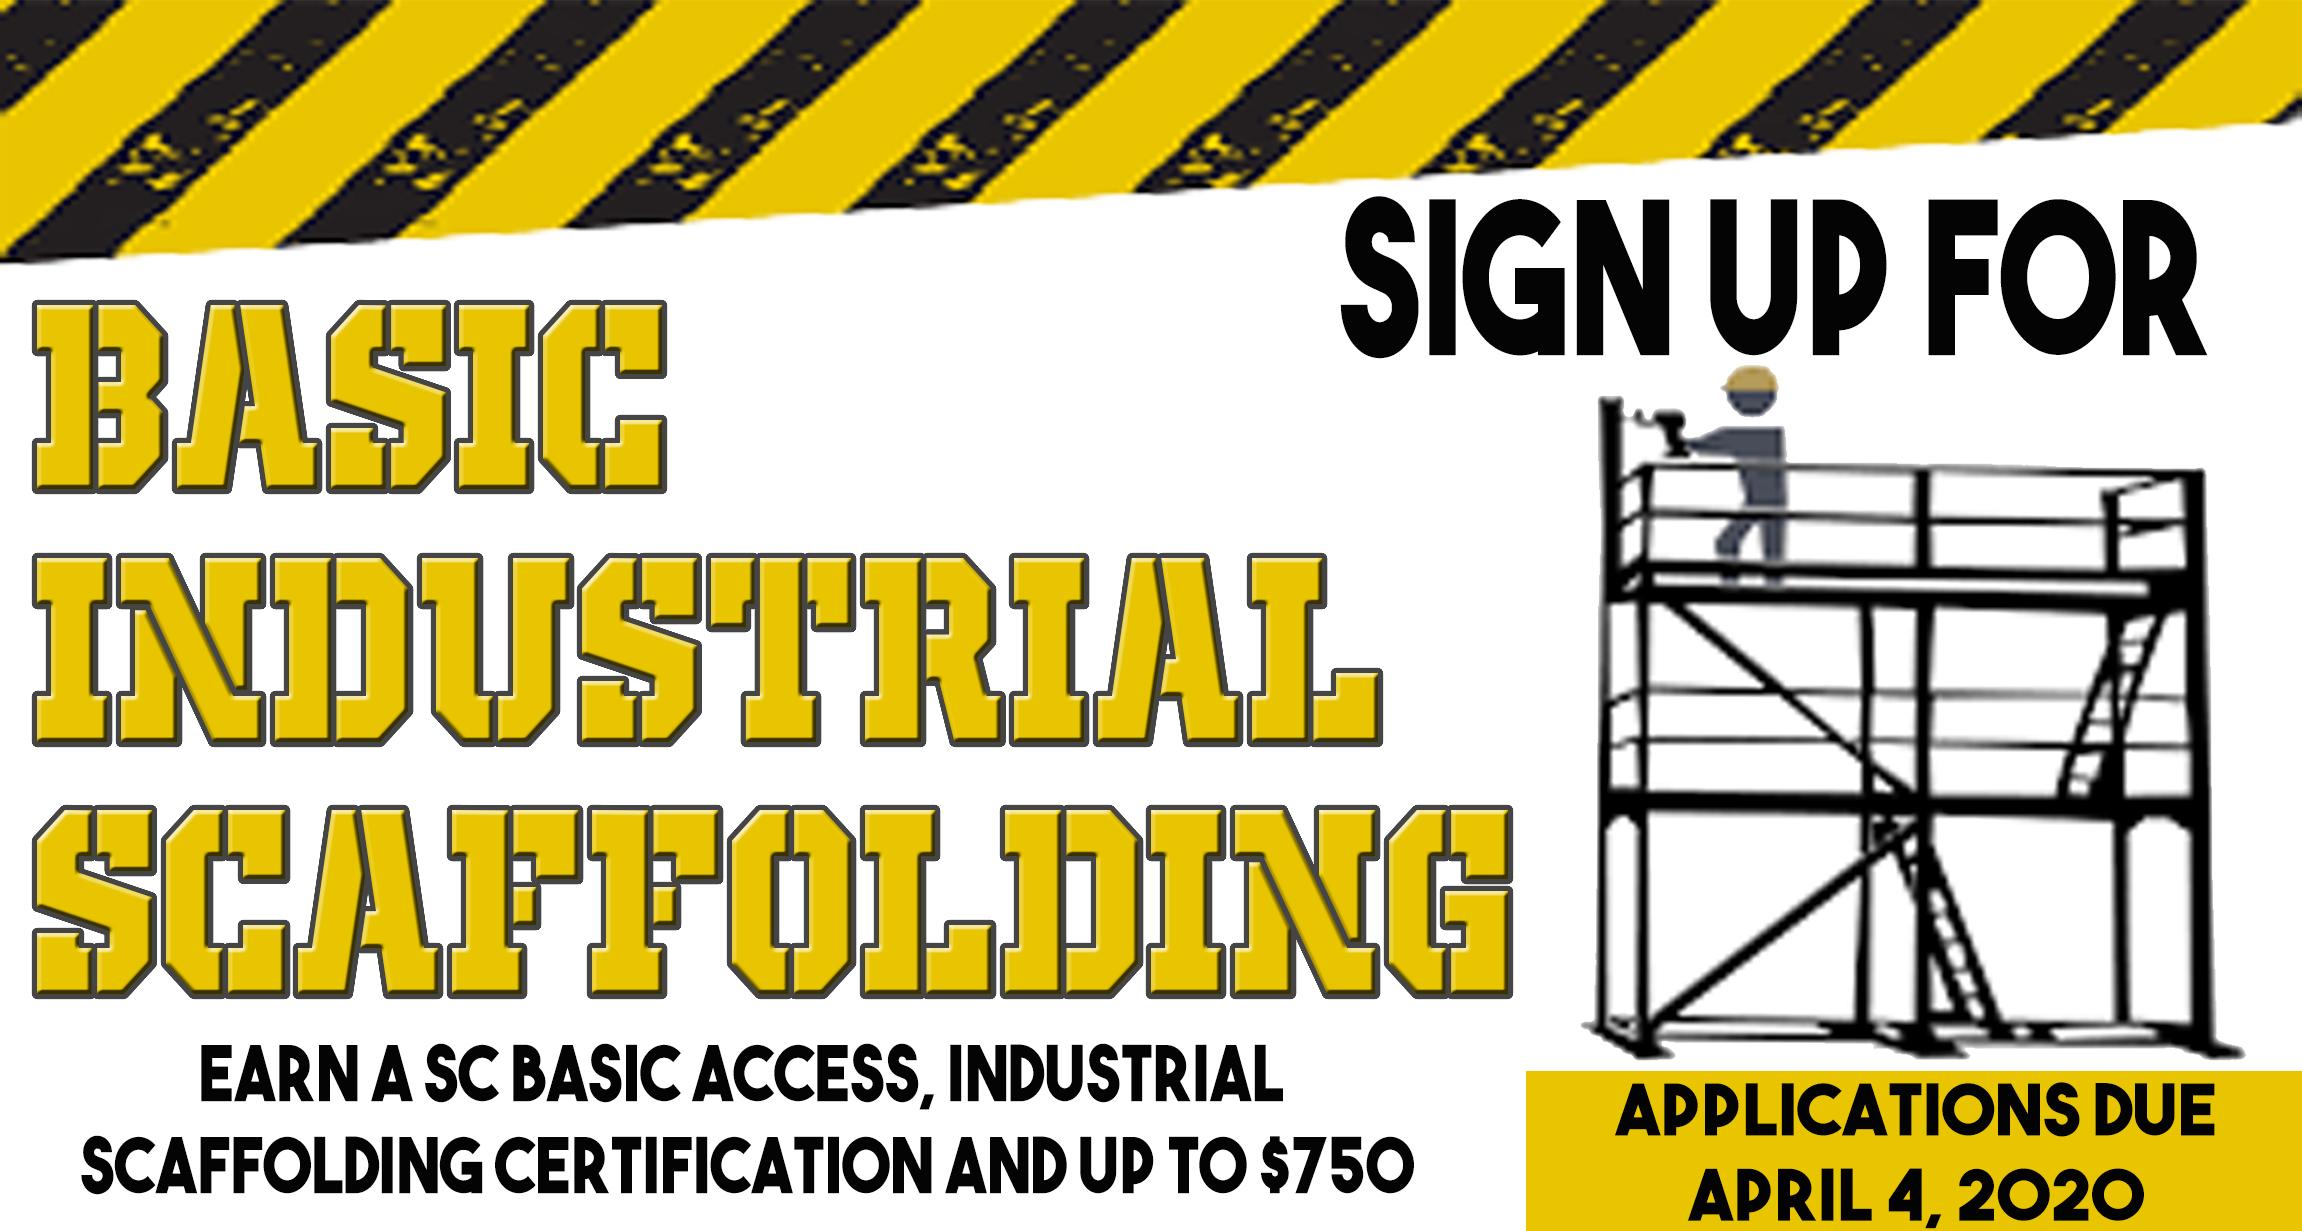 Basic Industrial Scaffolding